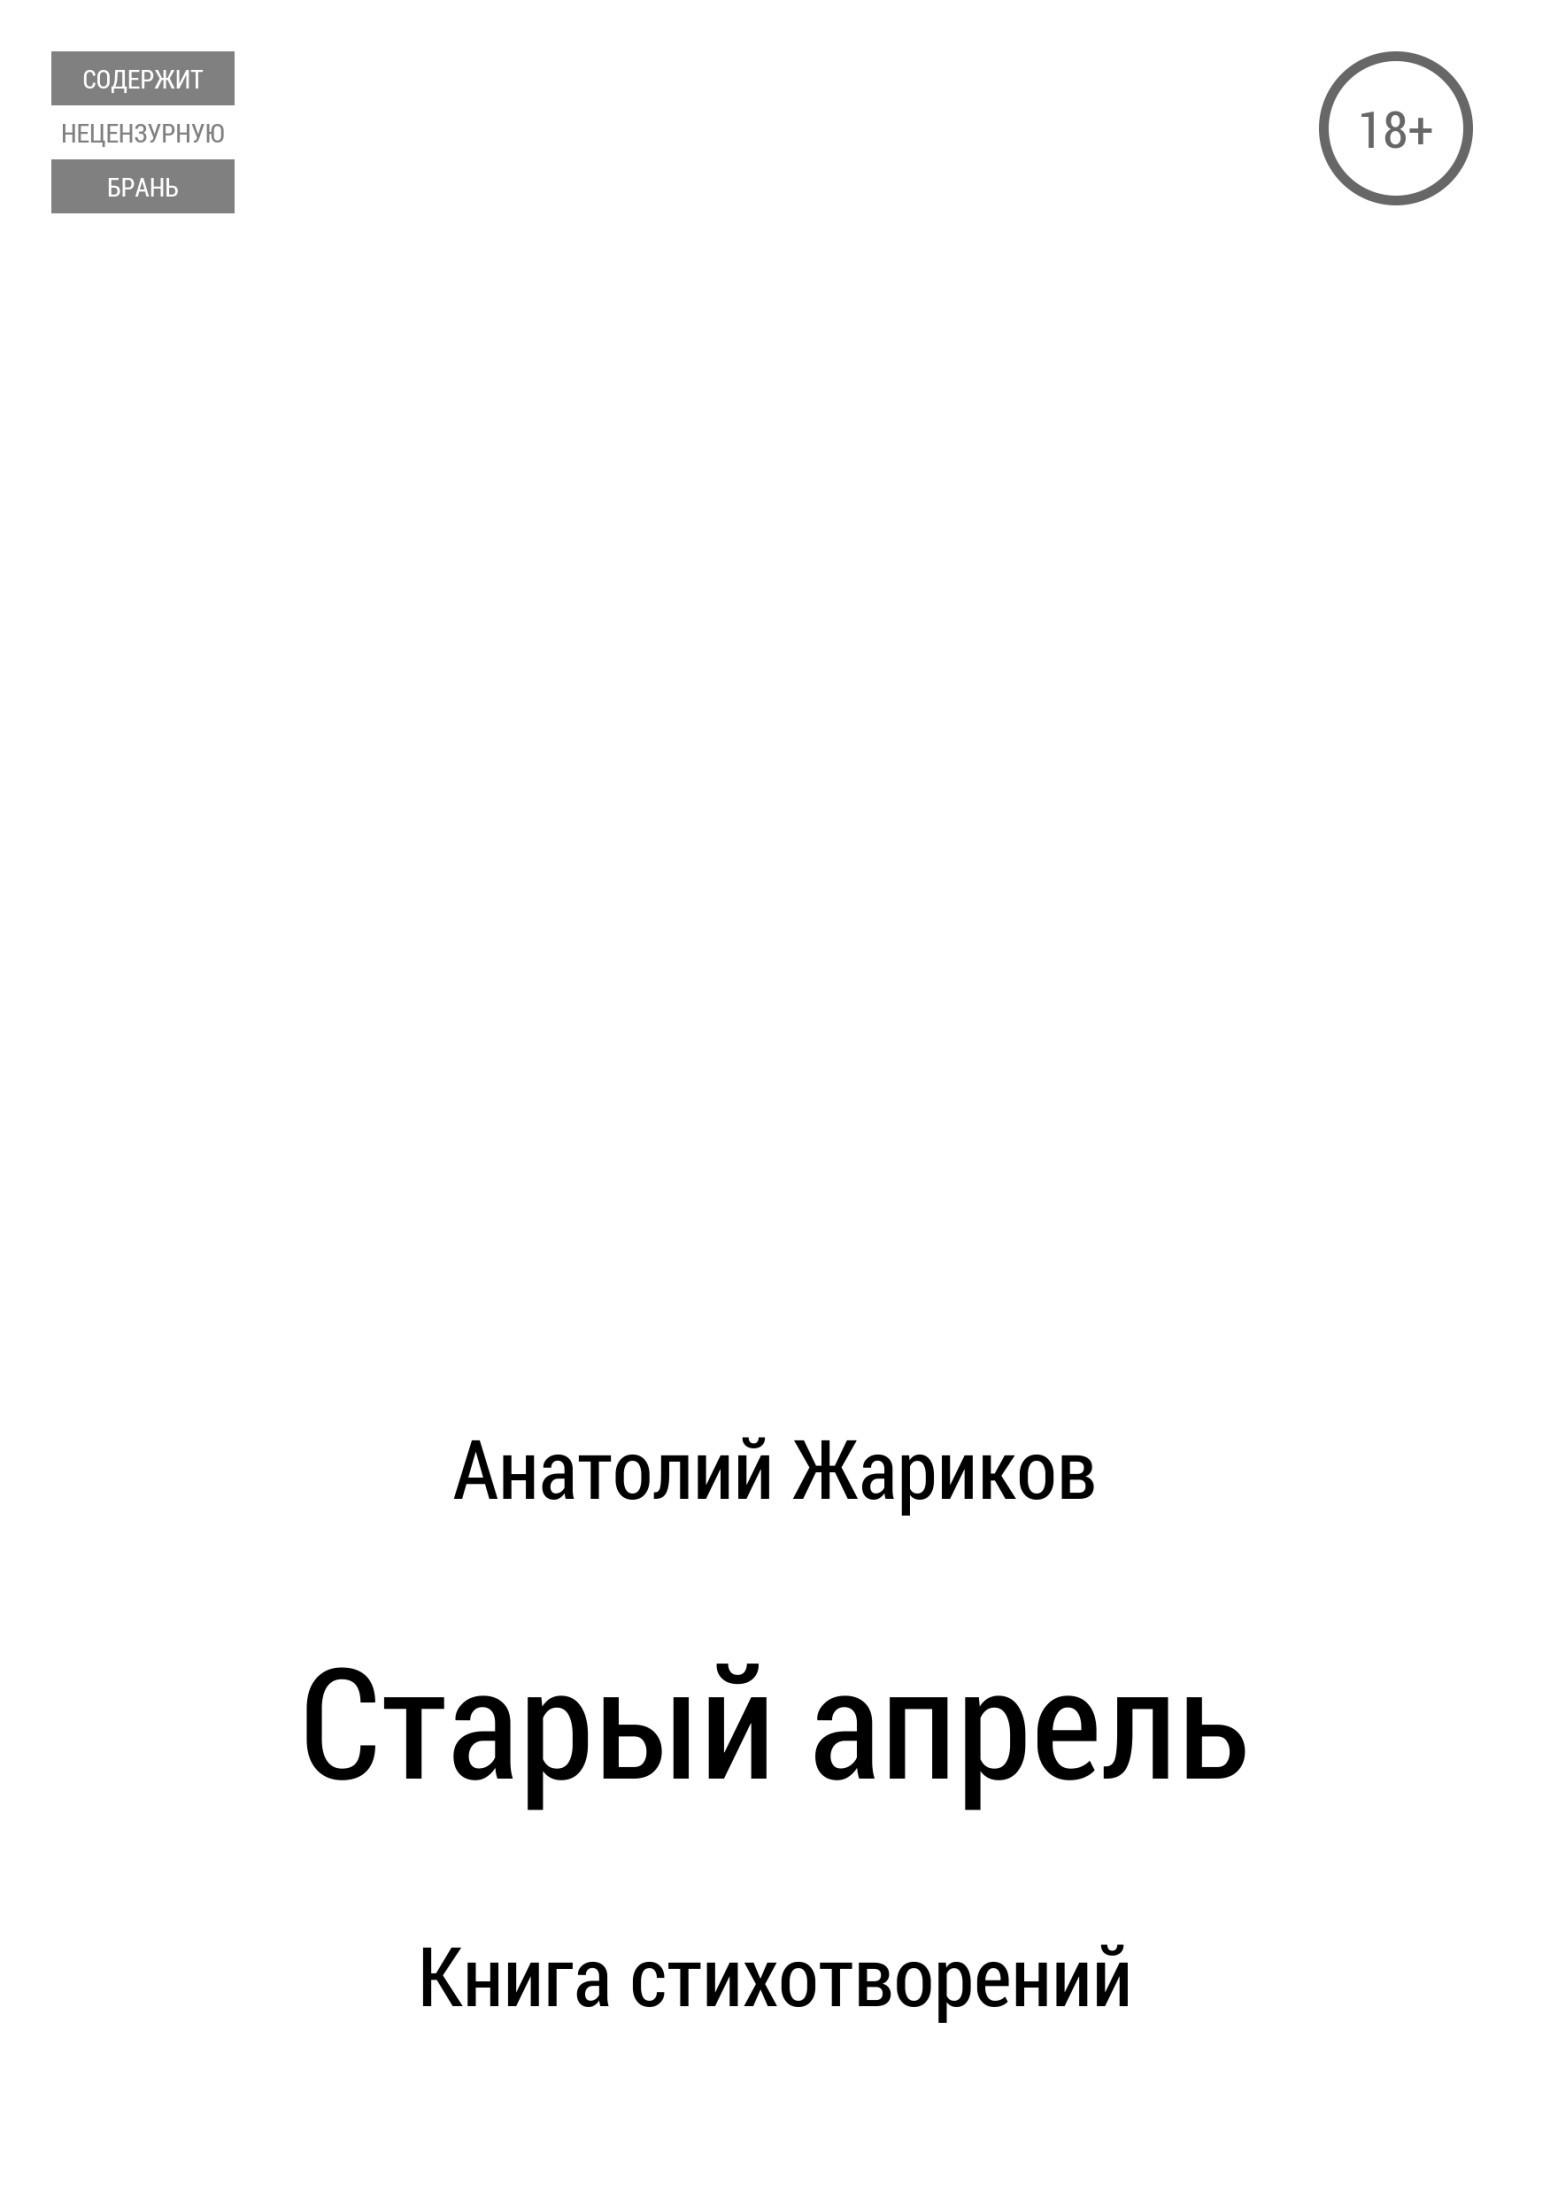 Анатолий Жариков Старый апрель. Сборник стихотворений апрель ползунки апрель